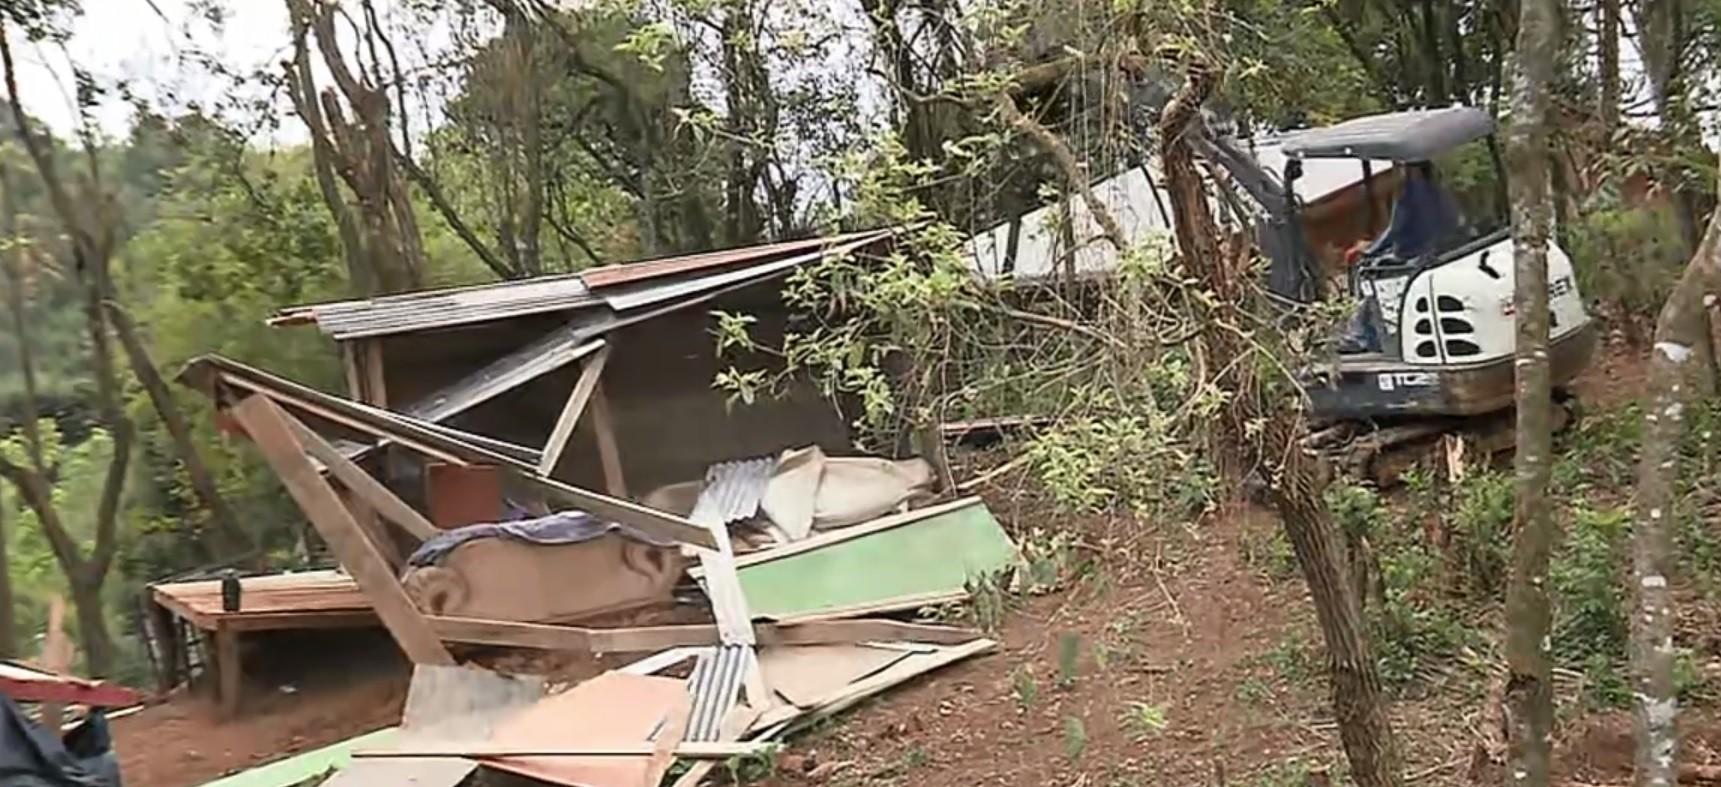 PM cumpre reintegração de posse em terrenos em Almirante Tamandaré, e 68 famílias deixam ocupação